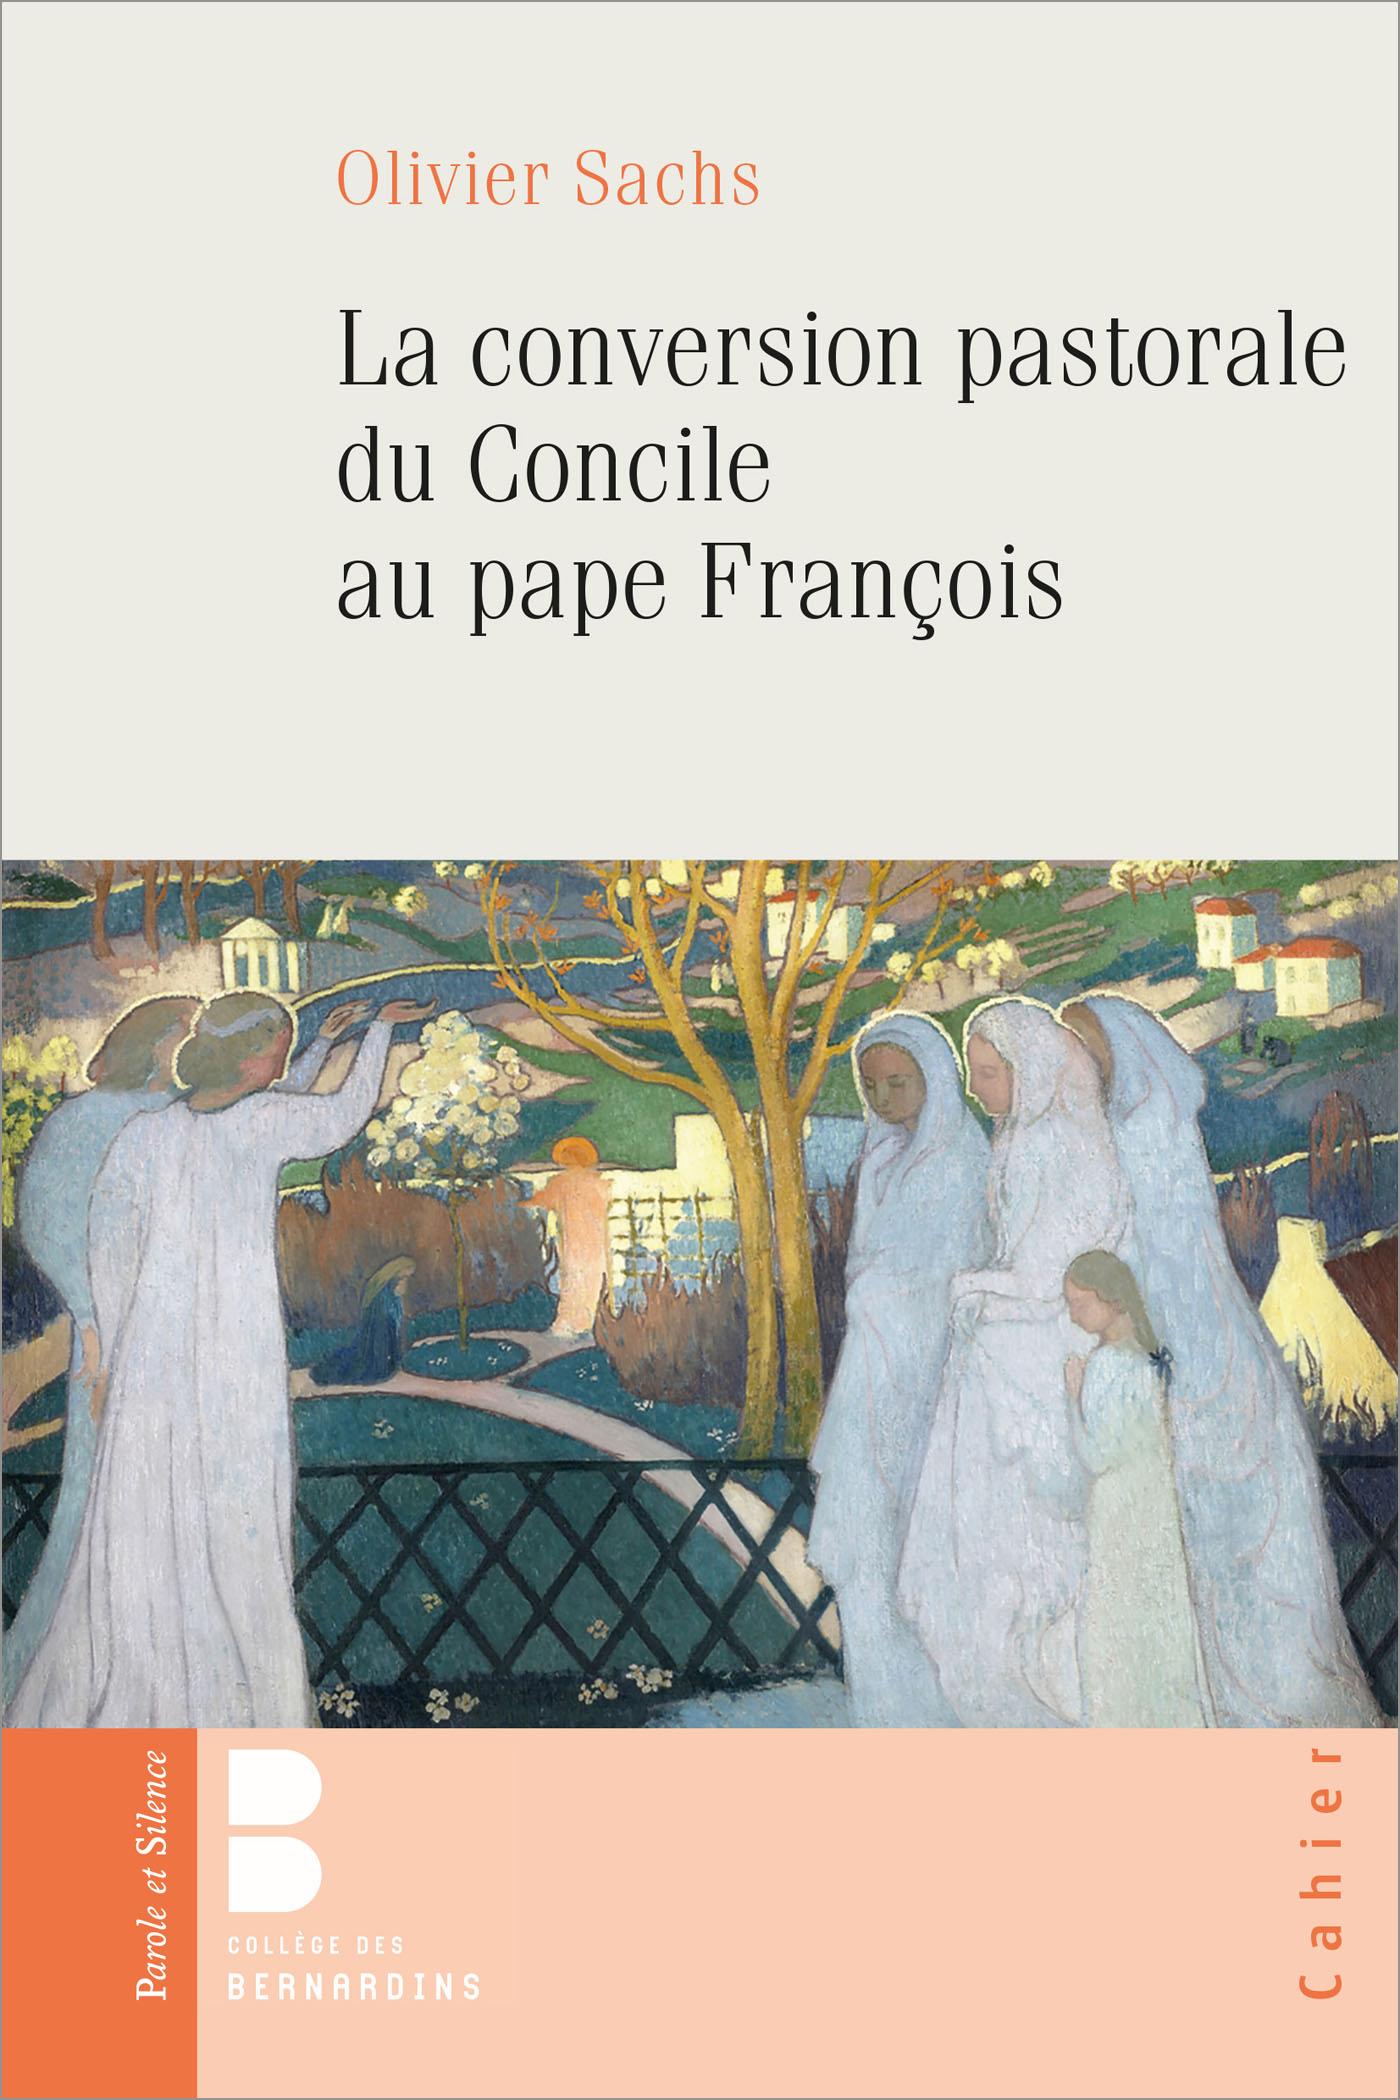 La conversion pastorale du Concile au pape François